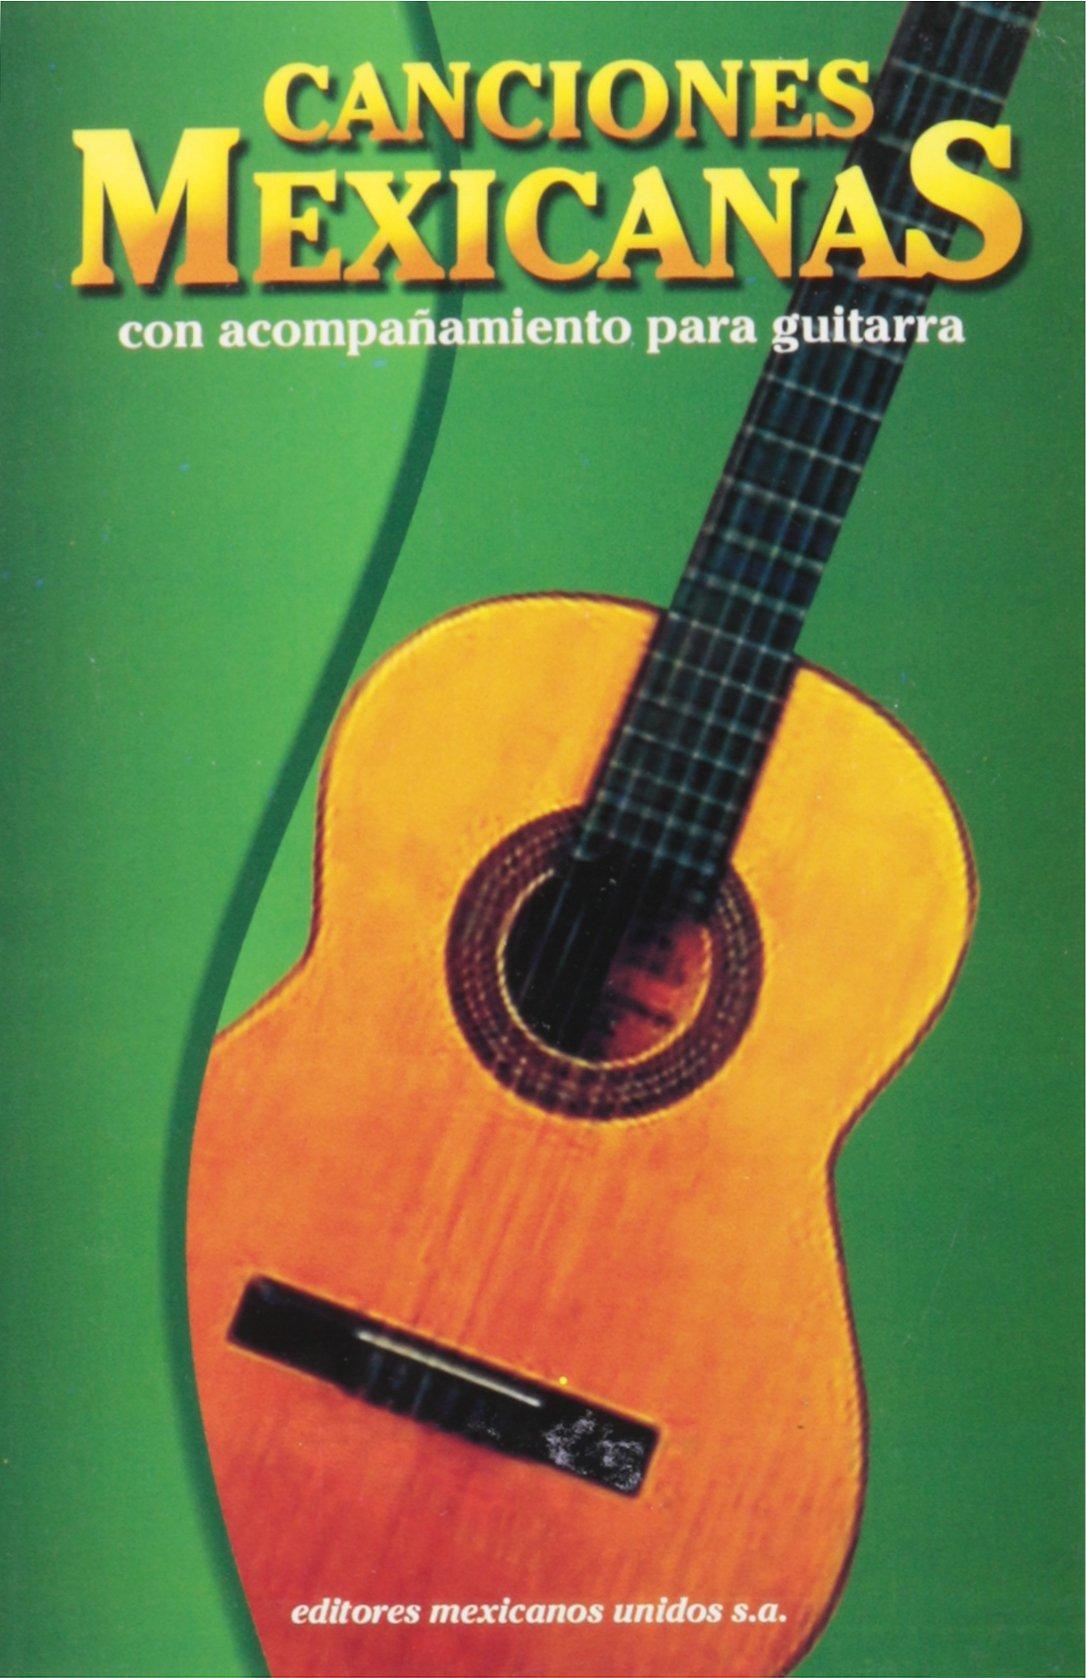 Canciones Mexicanos Con Acopanamiento Para Guitana: Amazon.es ...